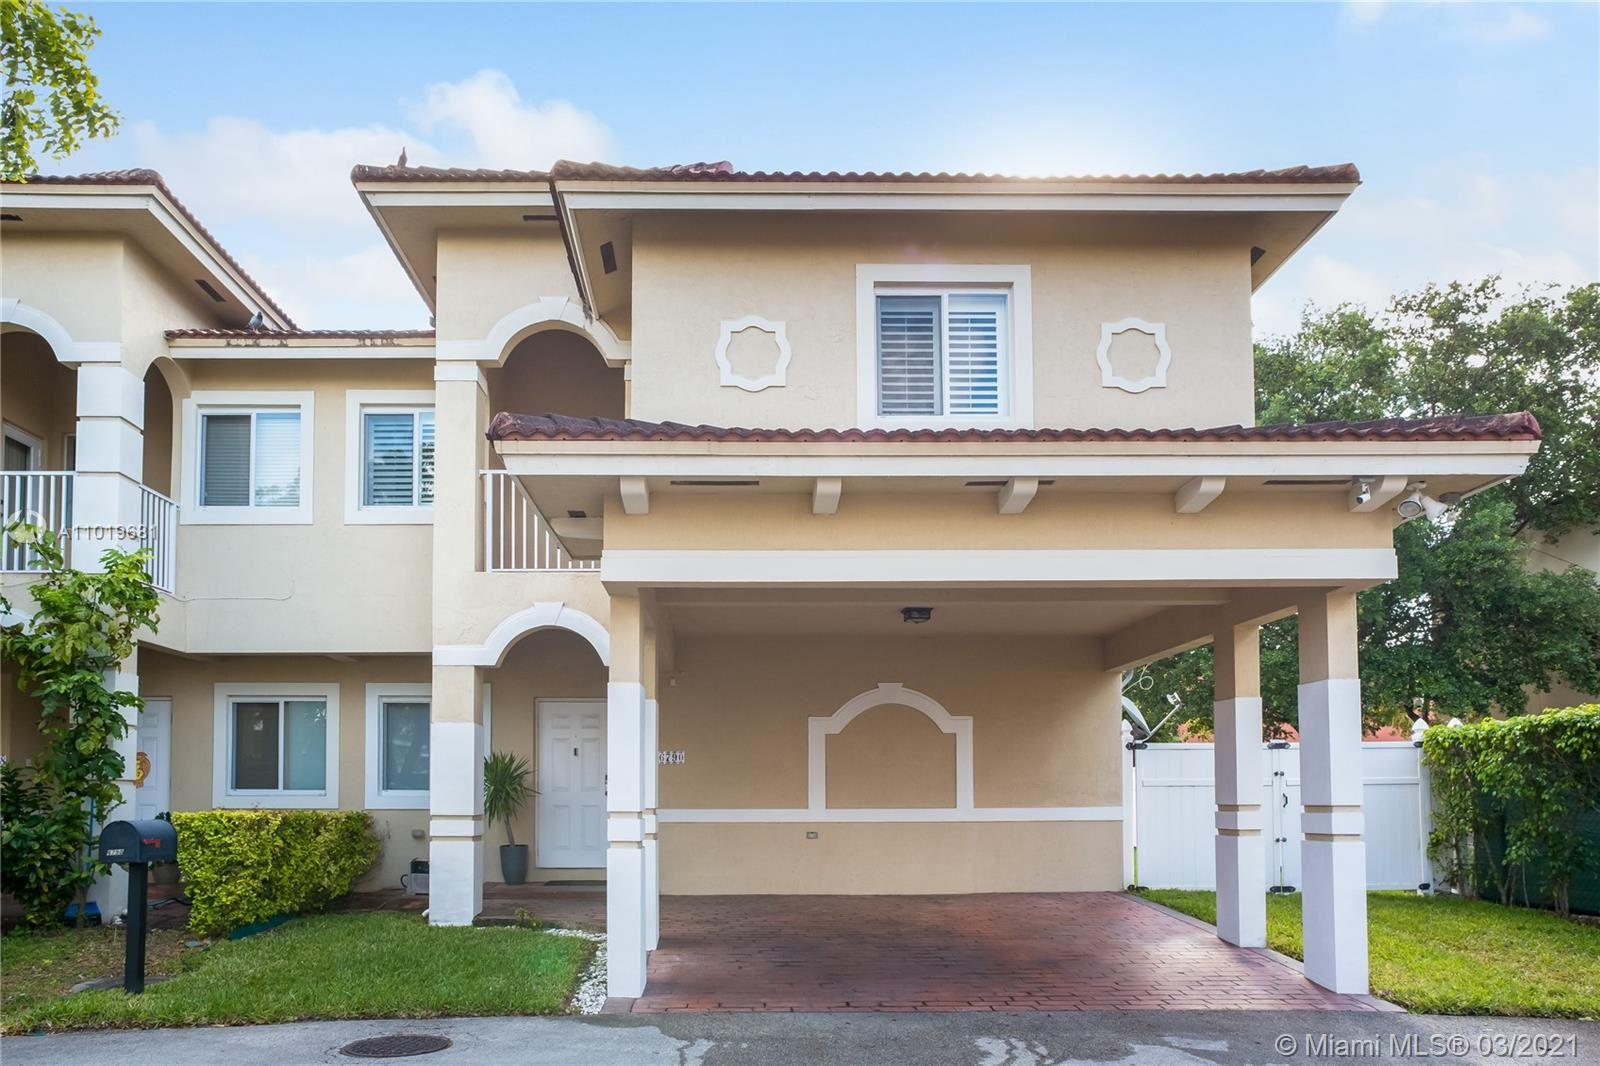 6790 SW 22nd St, Miami, FL 33155 - #: A11019681